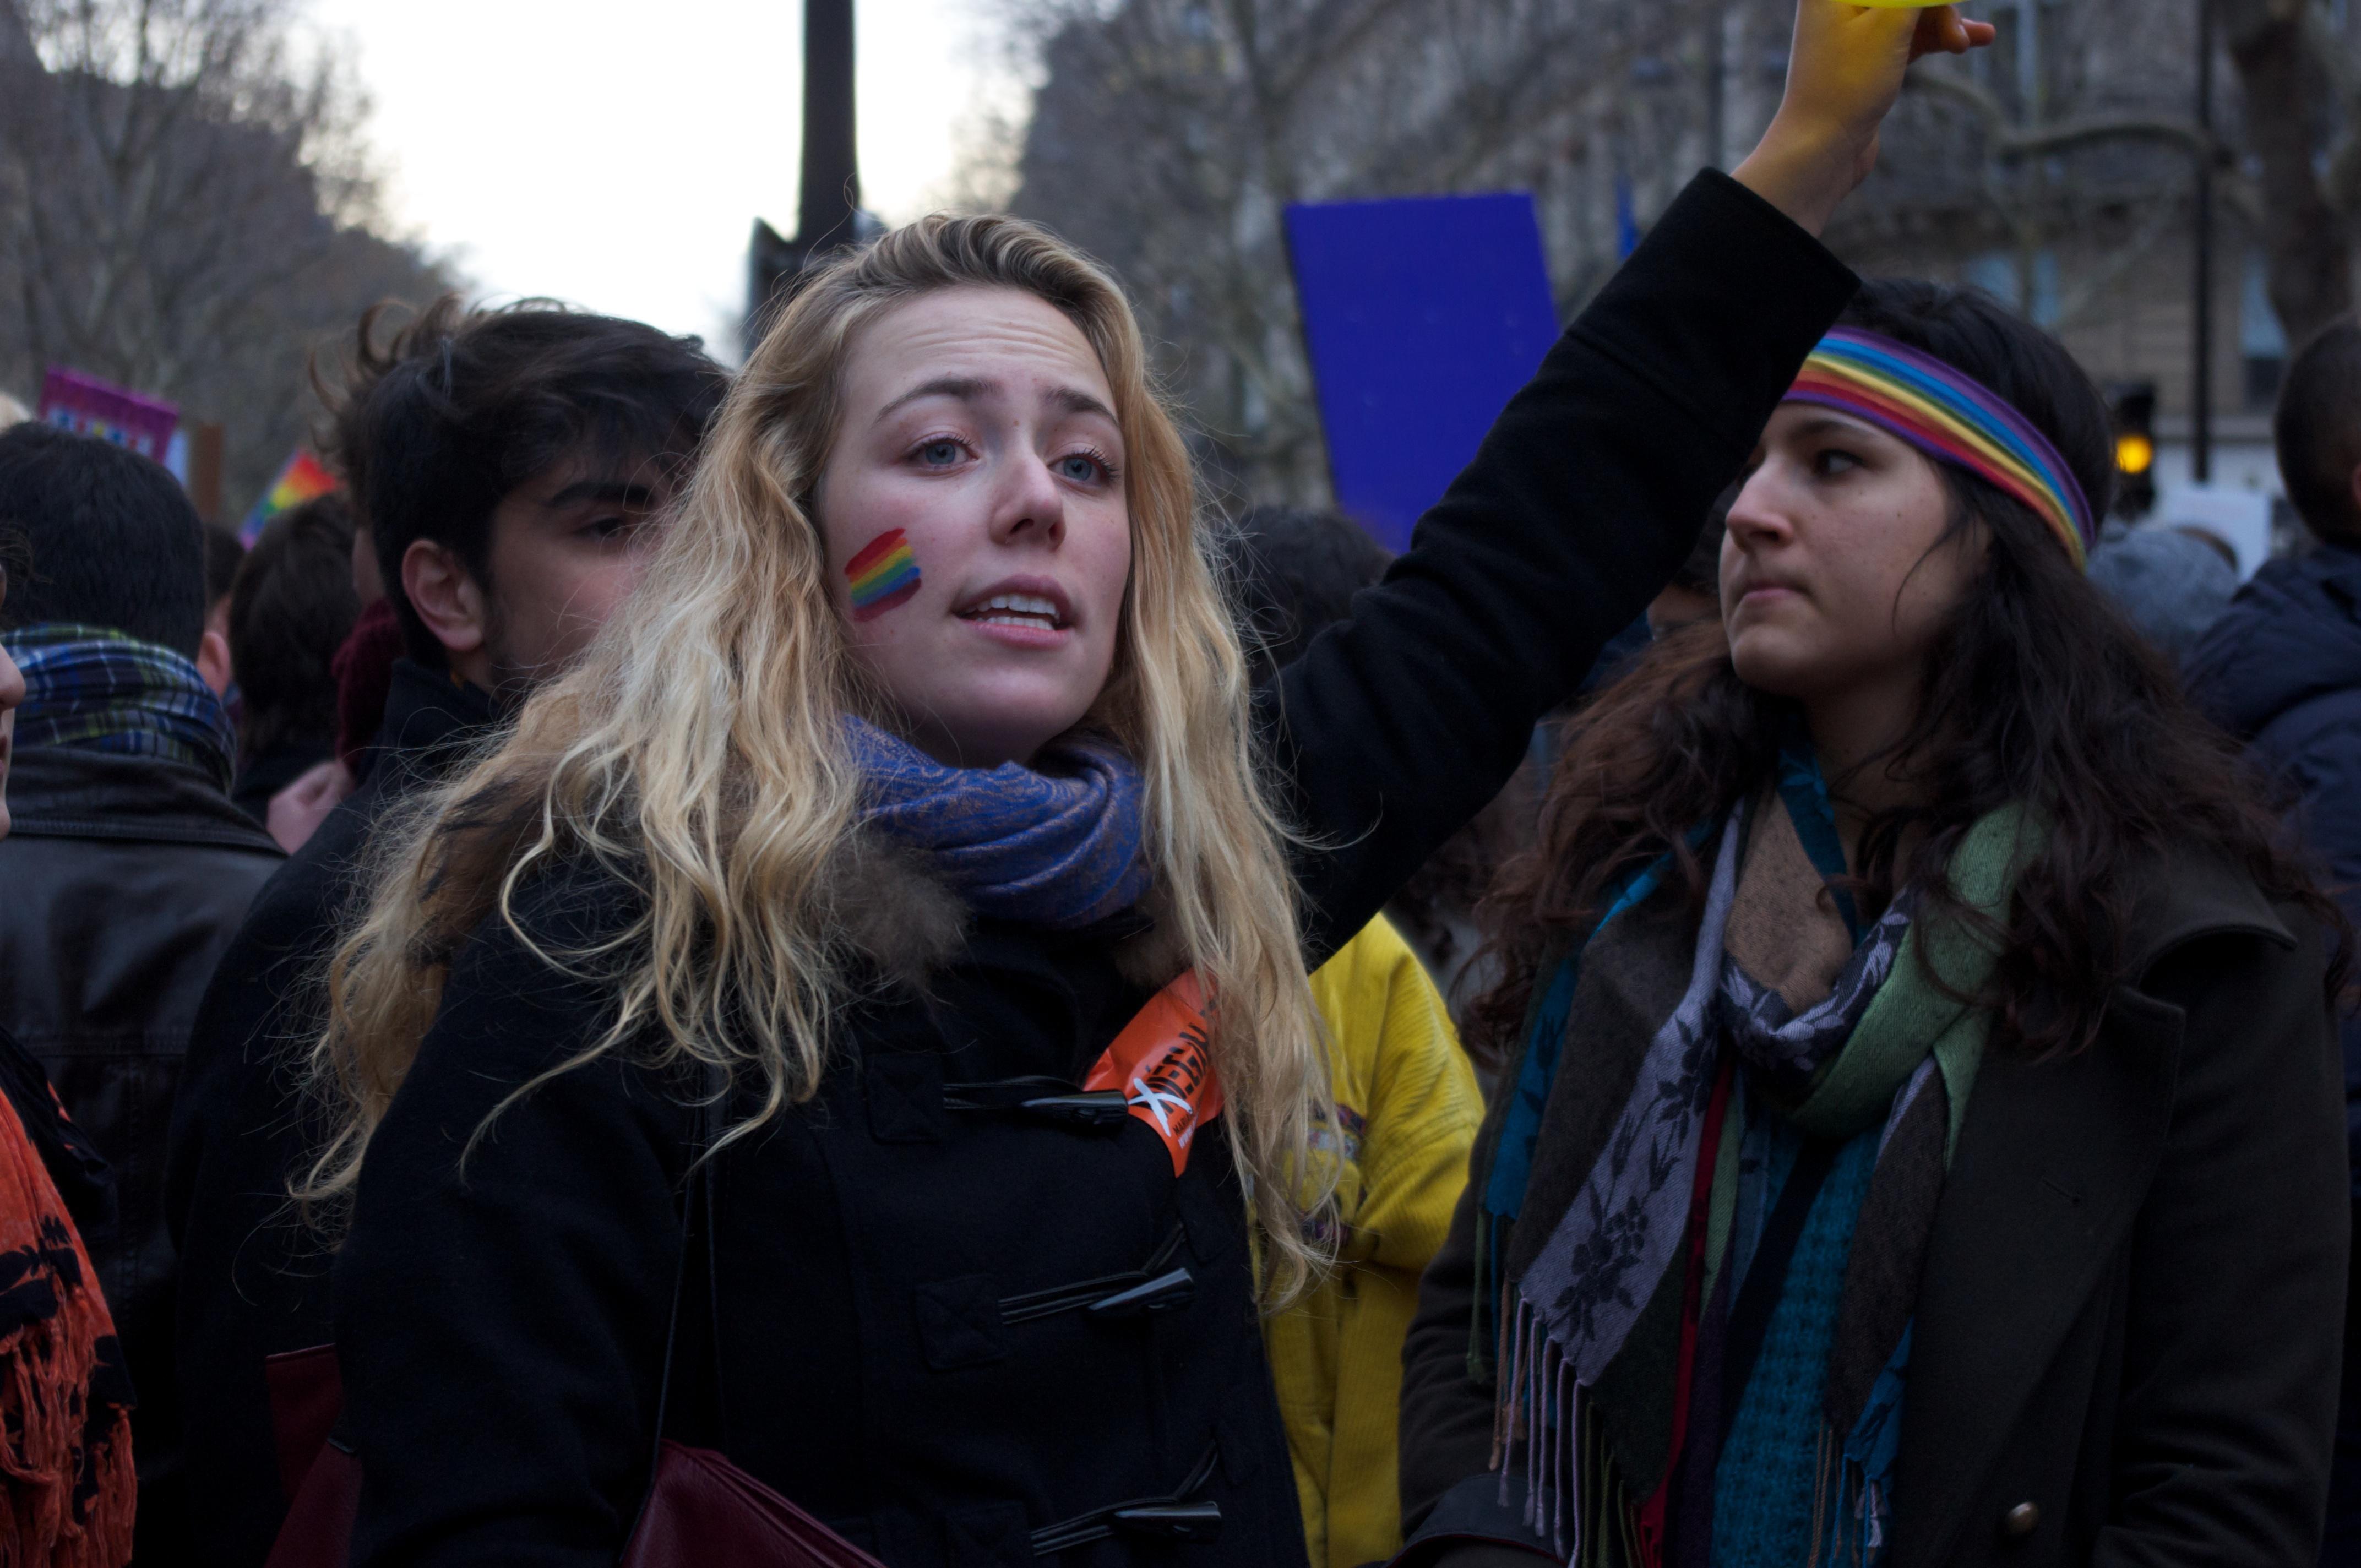 soutien du projet de loi ouvrant le mariage aux couples de personnes de même sexe dit mariage pour tous, Paris, 16 décembre 2012 Español: Manifestación de